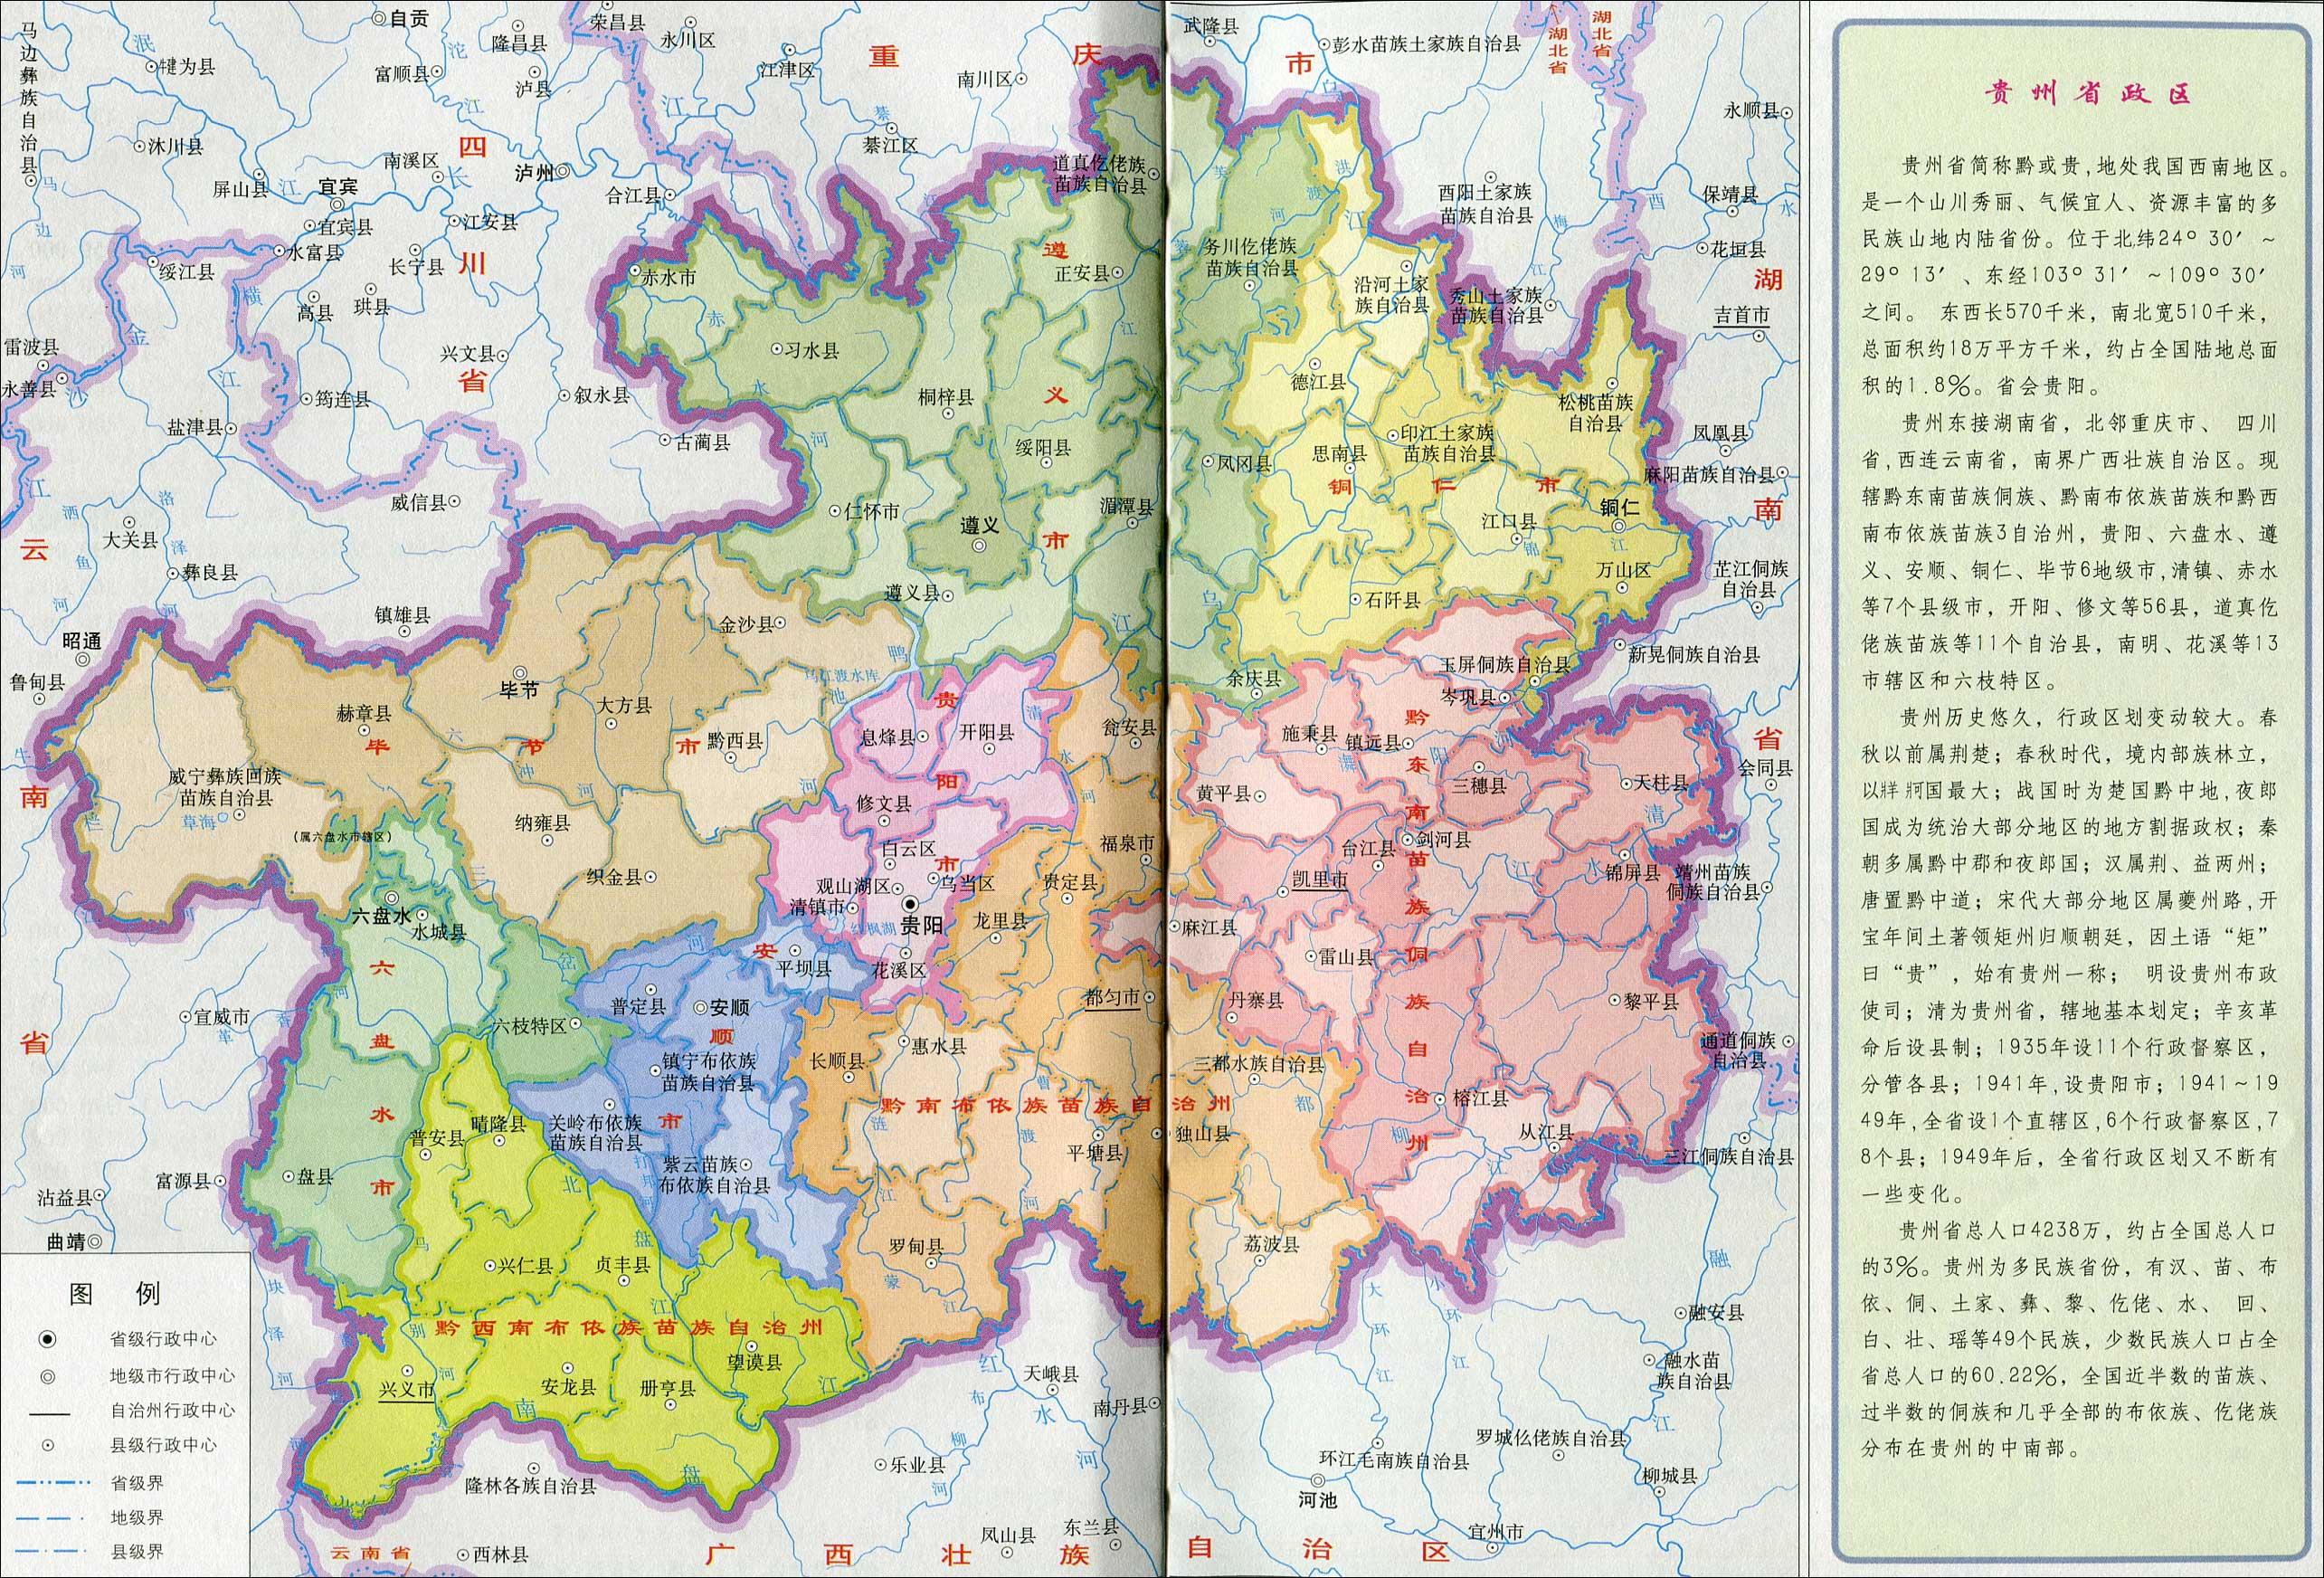 地图 贵州/贵州地图全图高清版...